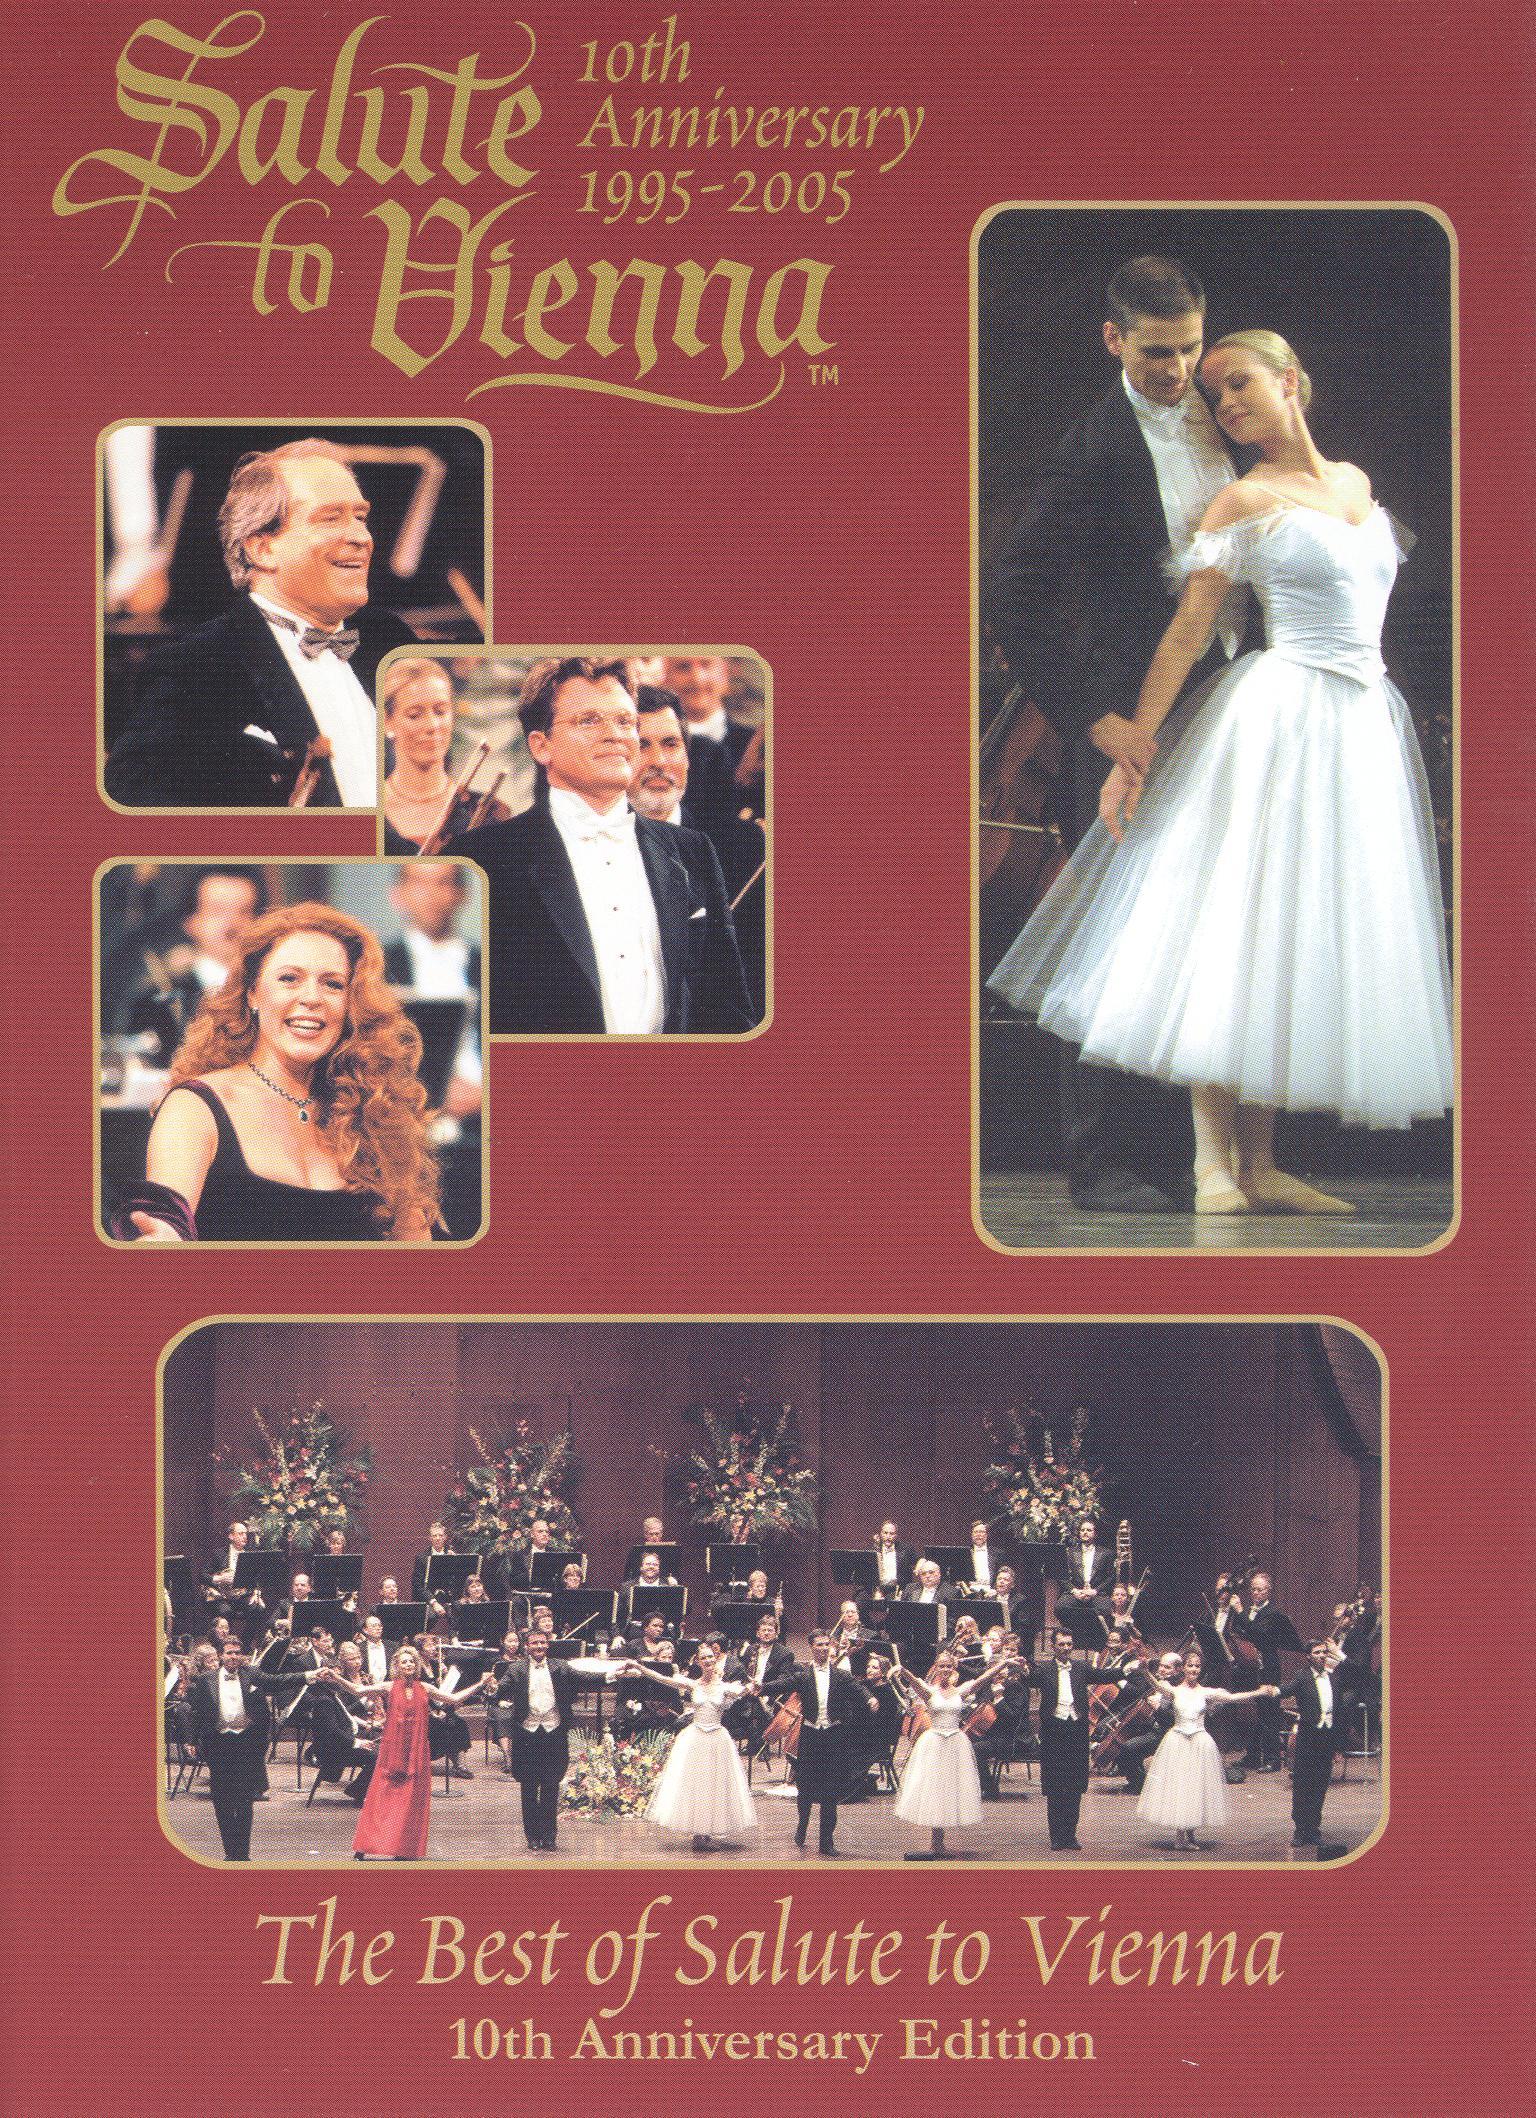 Salute to Vienna: 10th Anniversary 1995-2005